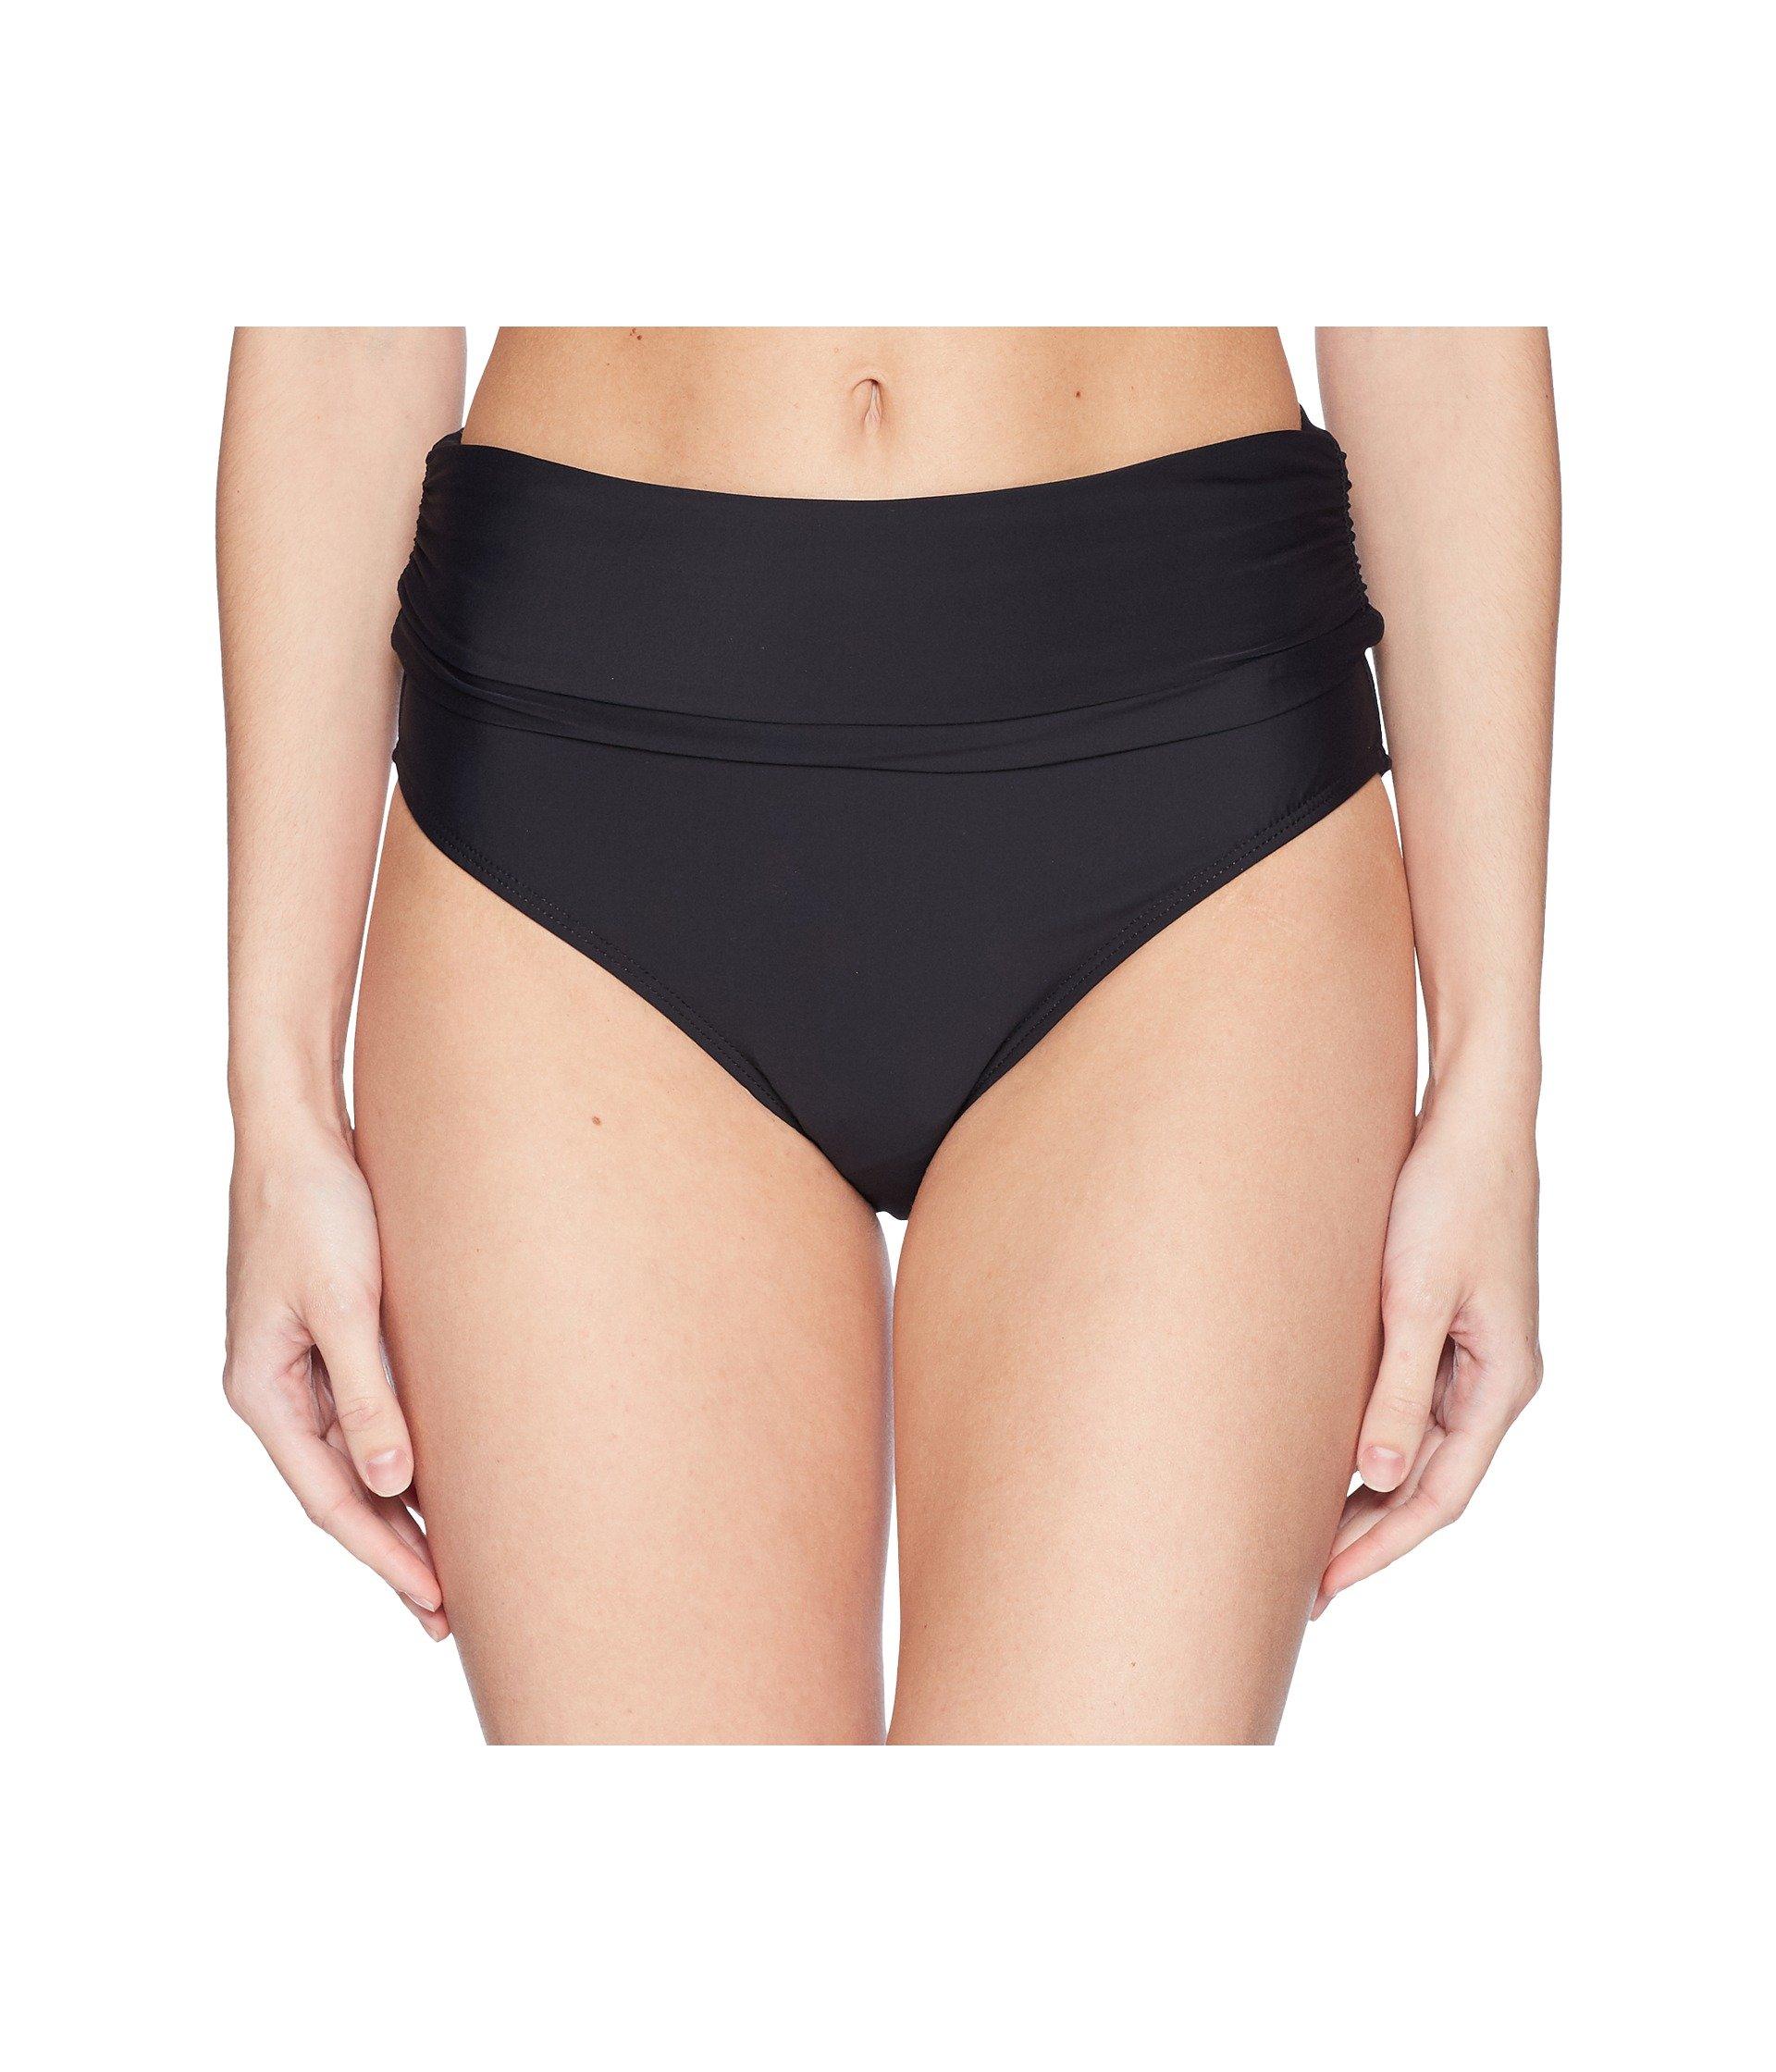 Athena Athena High waist High Black Pants waist EUxfFnqPwz